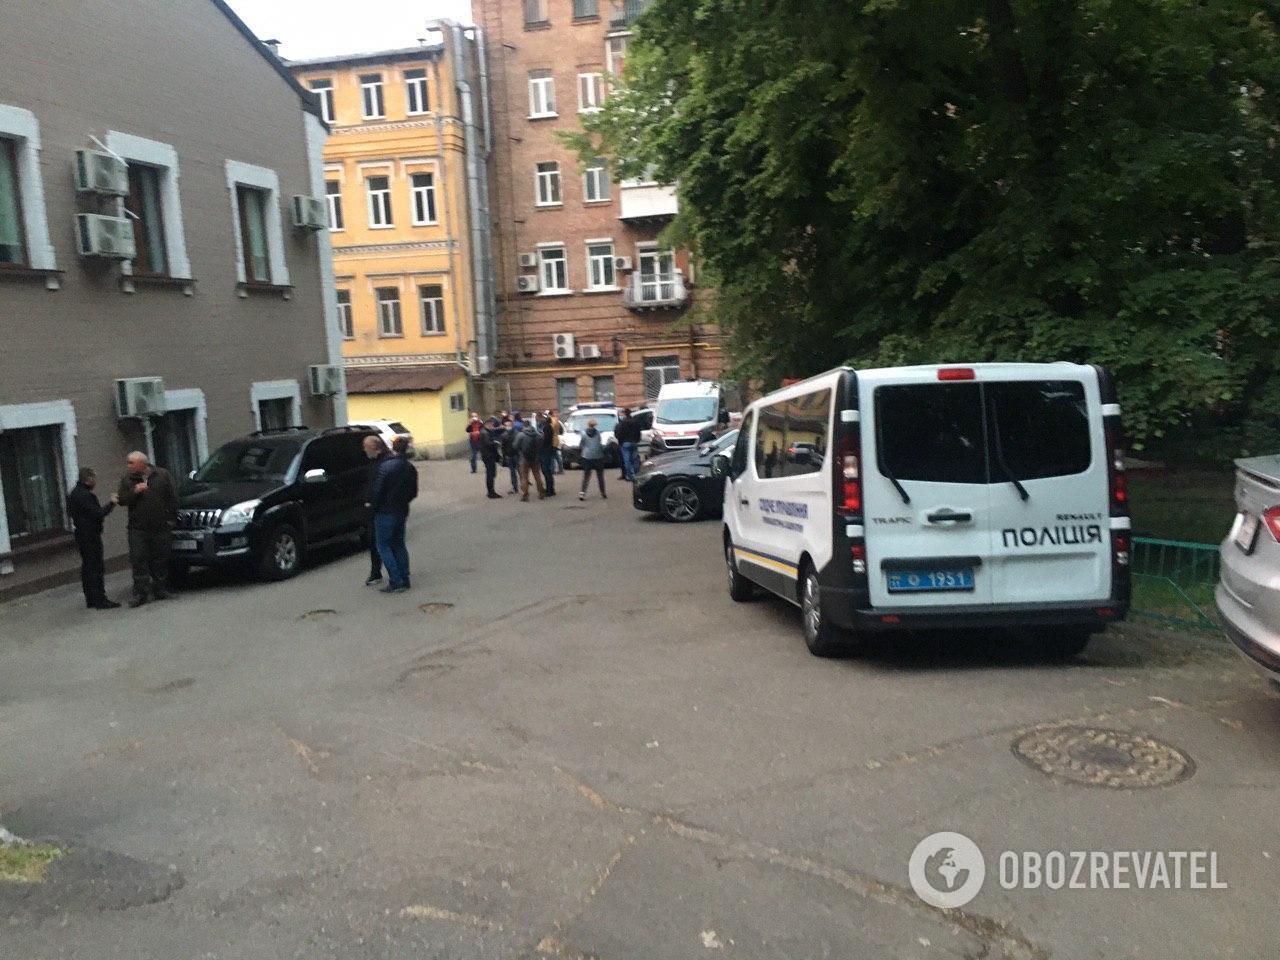 Машина Давыденко была у офиса с самого утра: появились эксклюзивные подробности